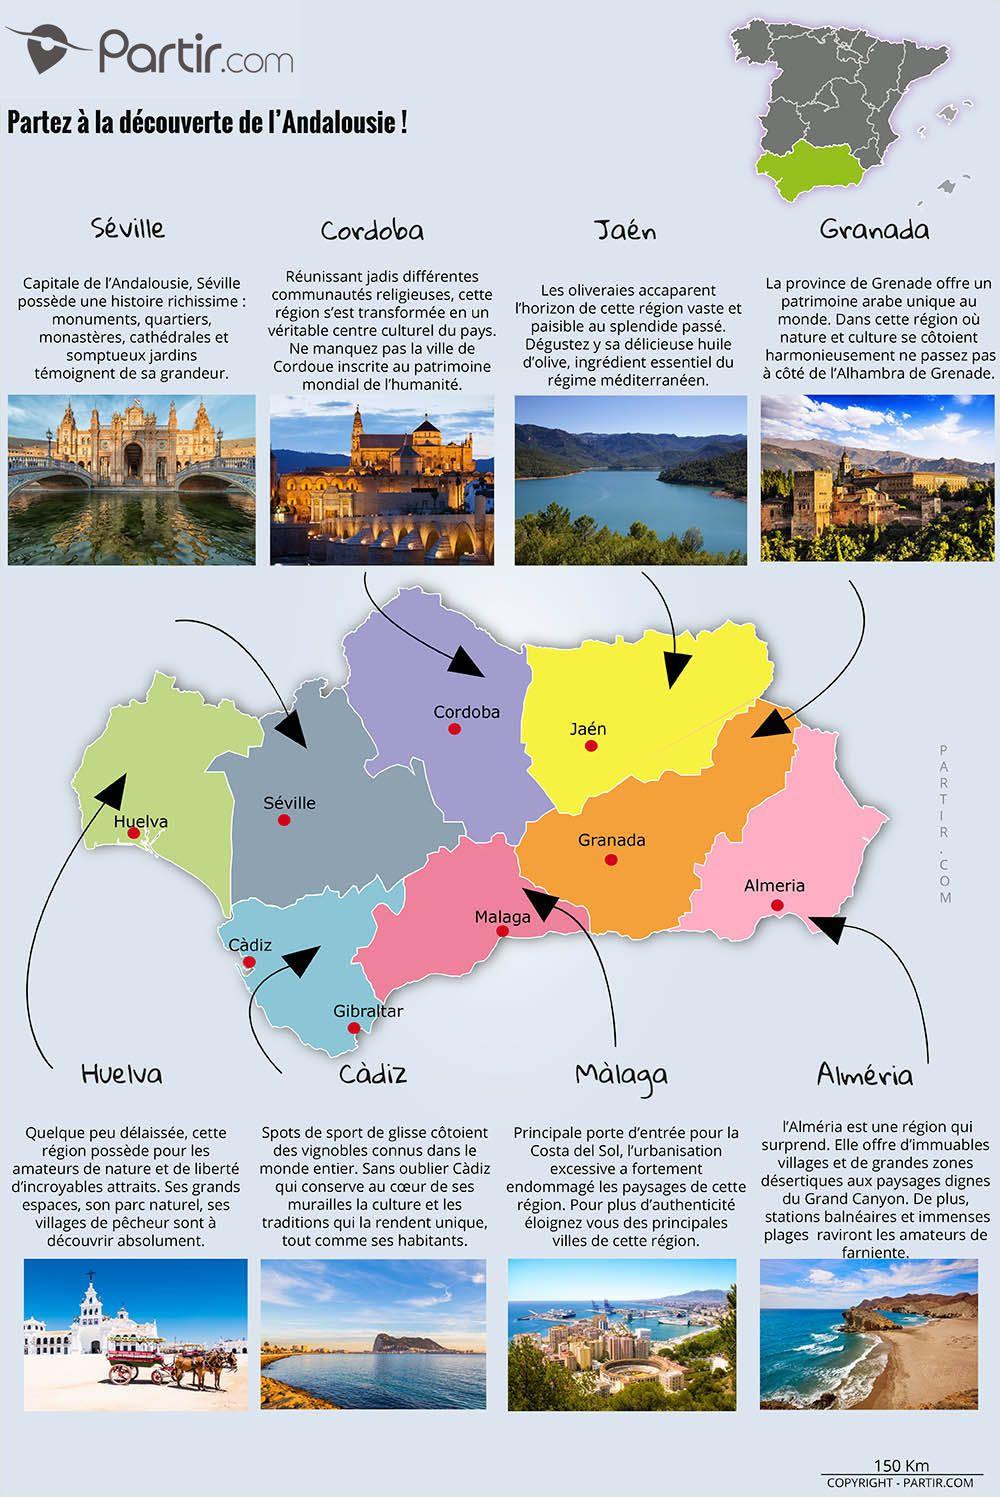 Carte Andalousie Histoire.Epingle Par Salma Assaadi Sur Carte Maroc Andalousie